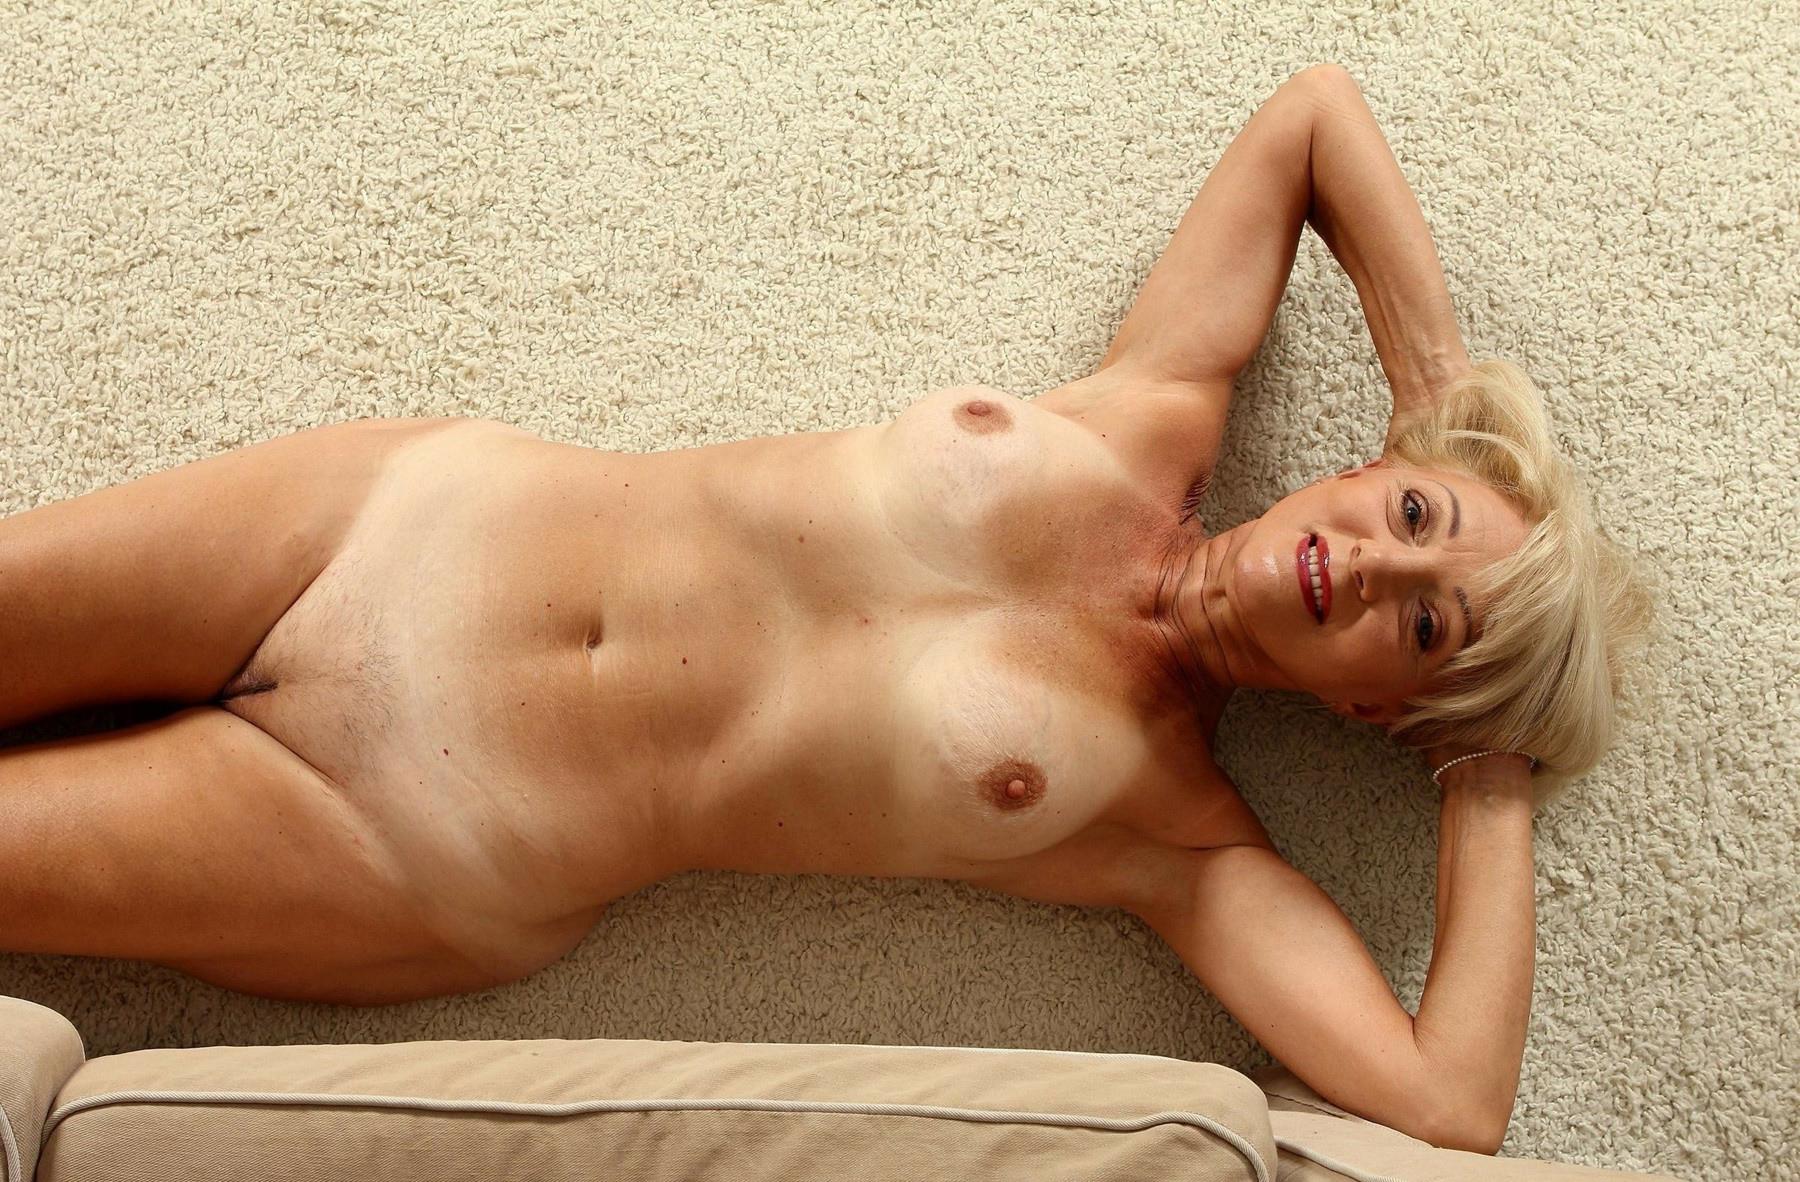 Зрелые Обнаженные Дамочки Блондинки Фото